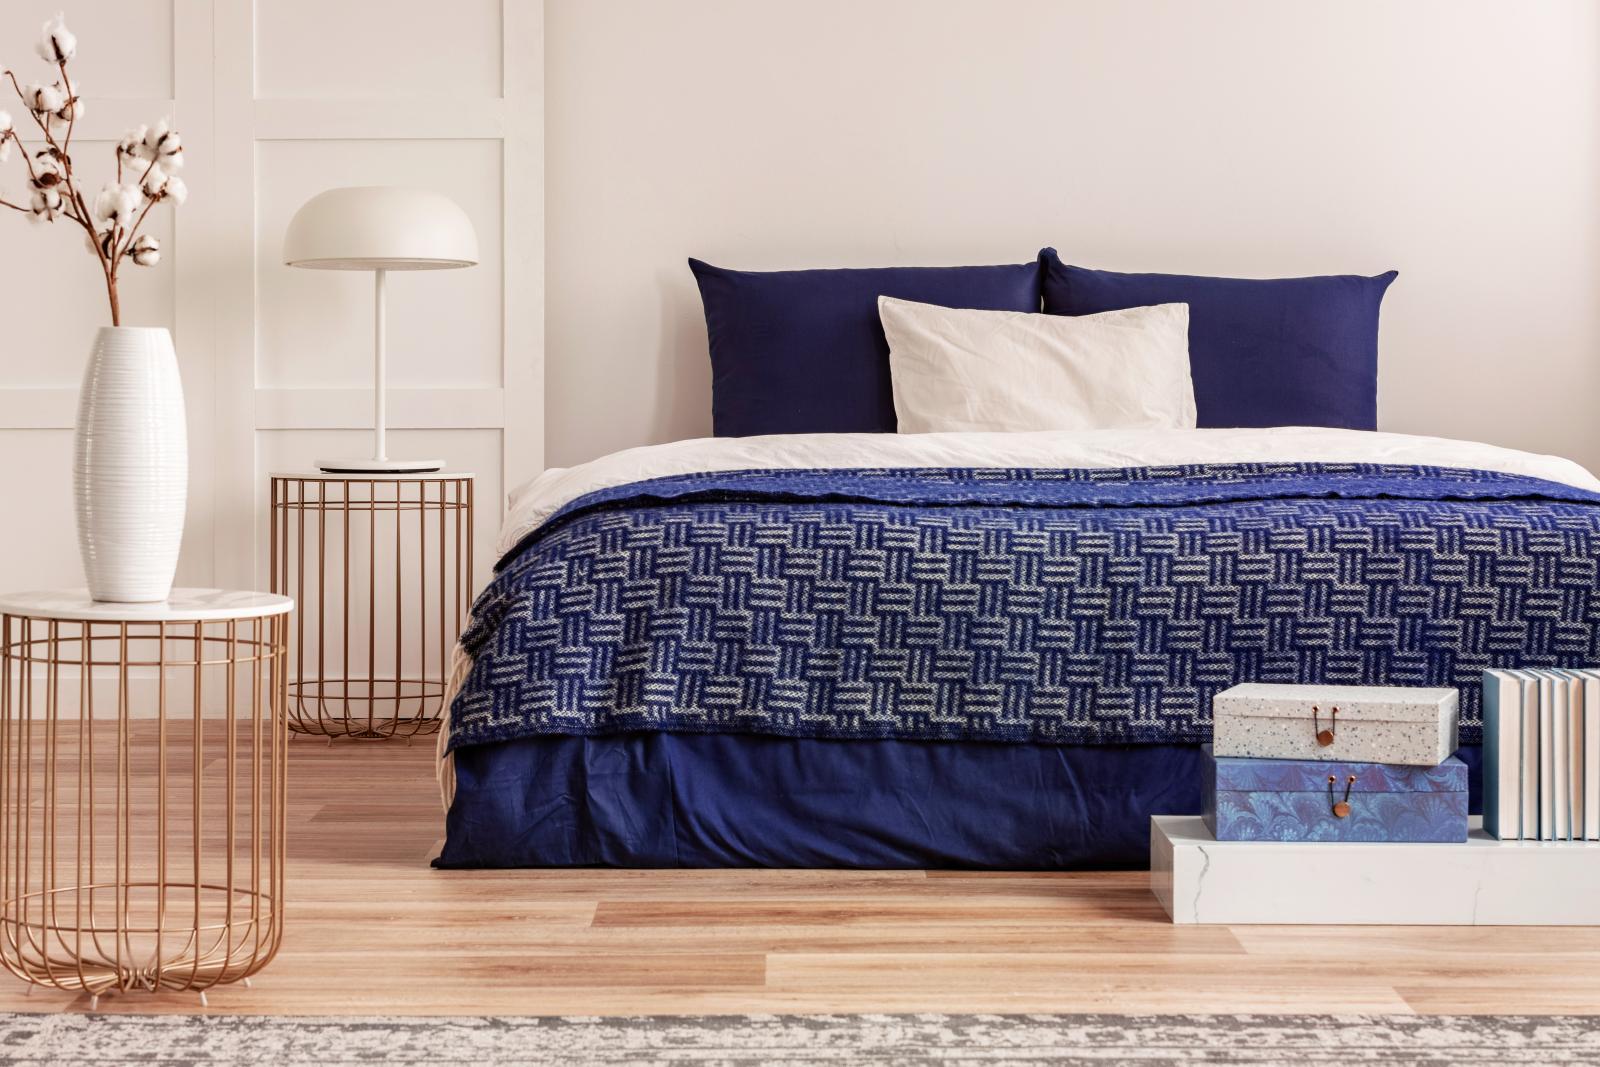 finding oversized bedspreads lovetoknow